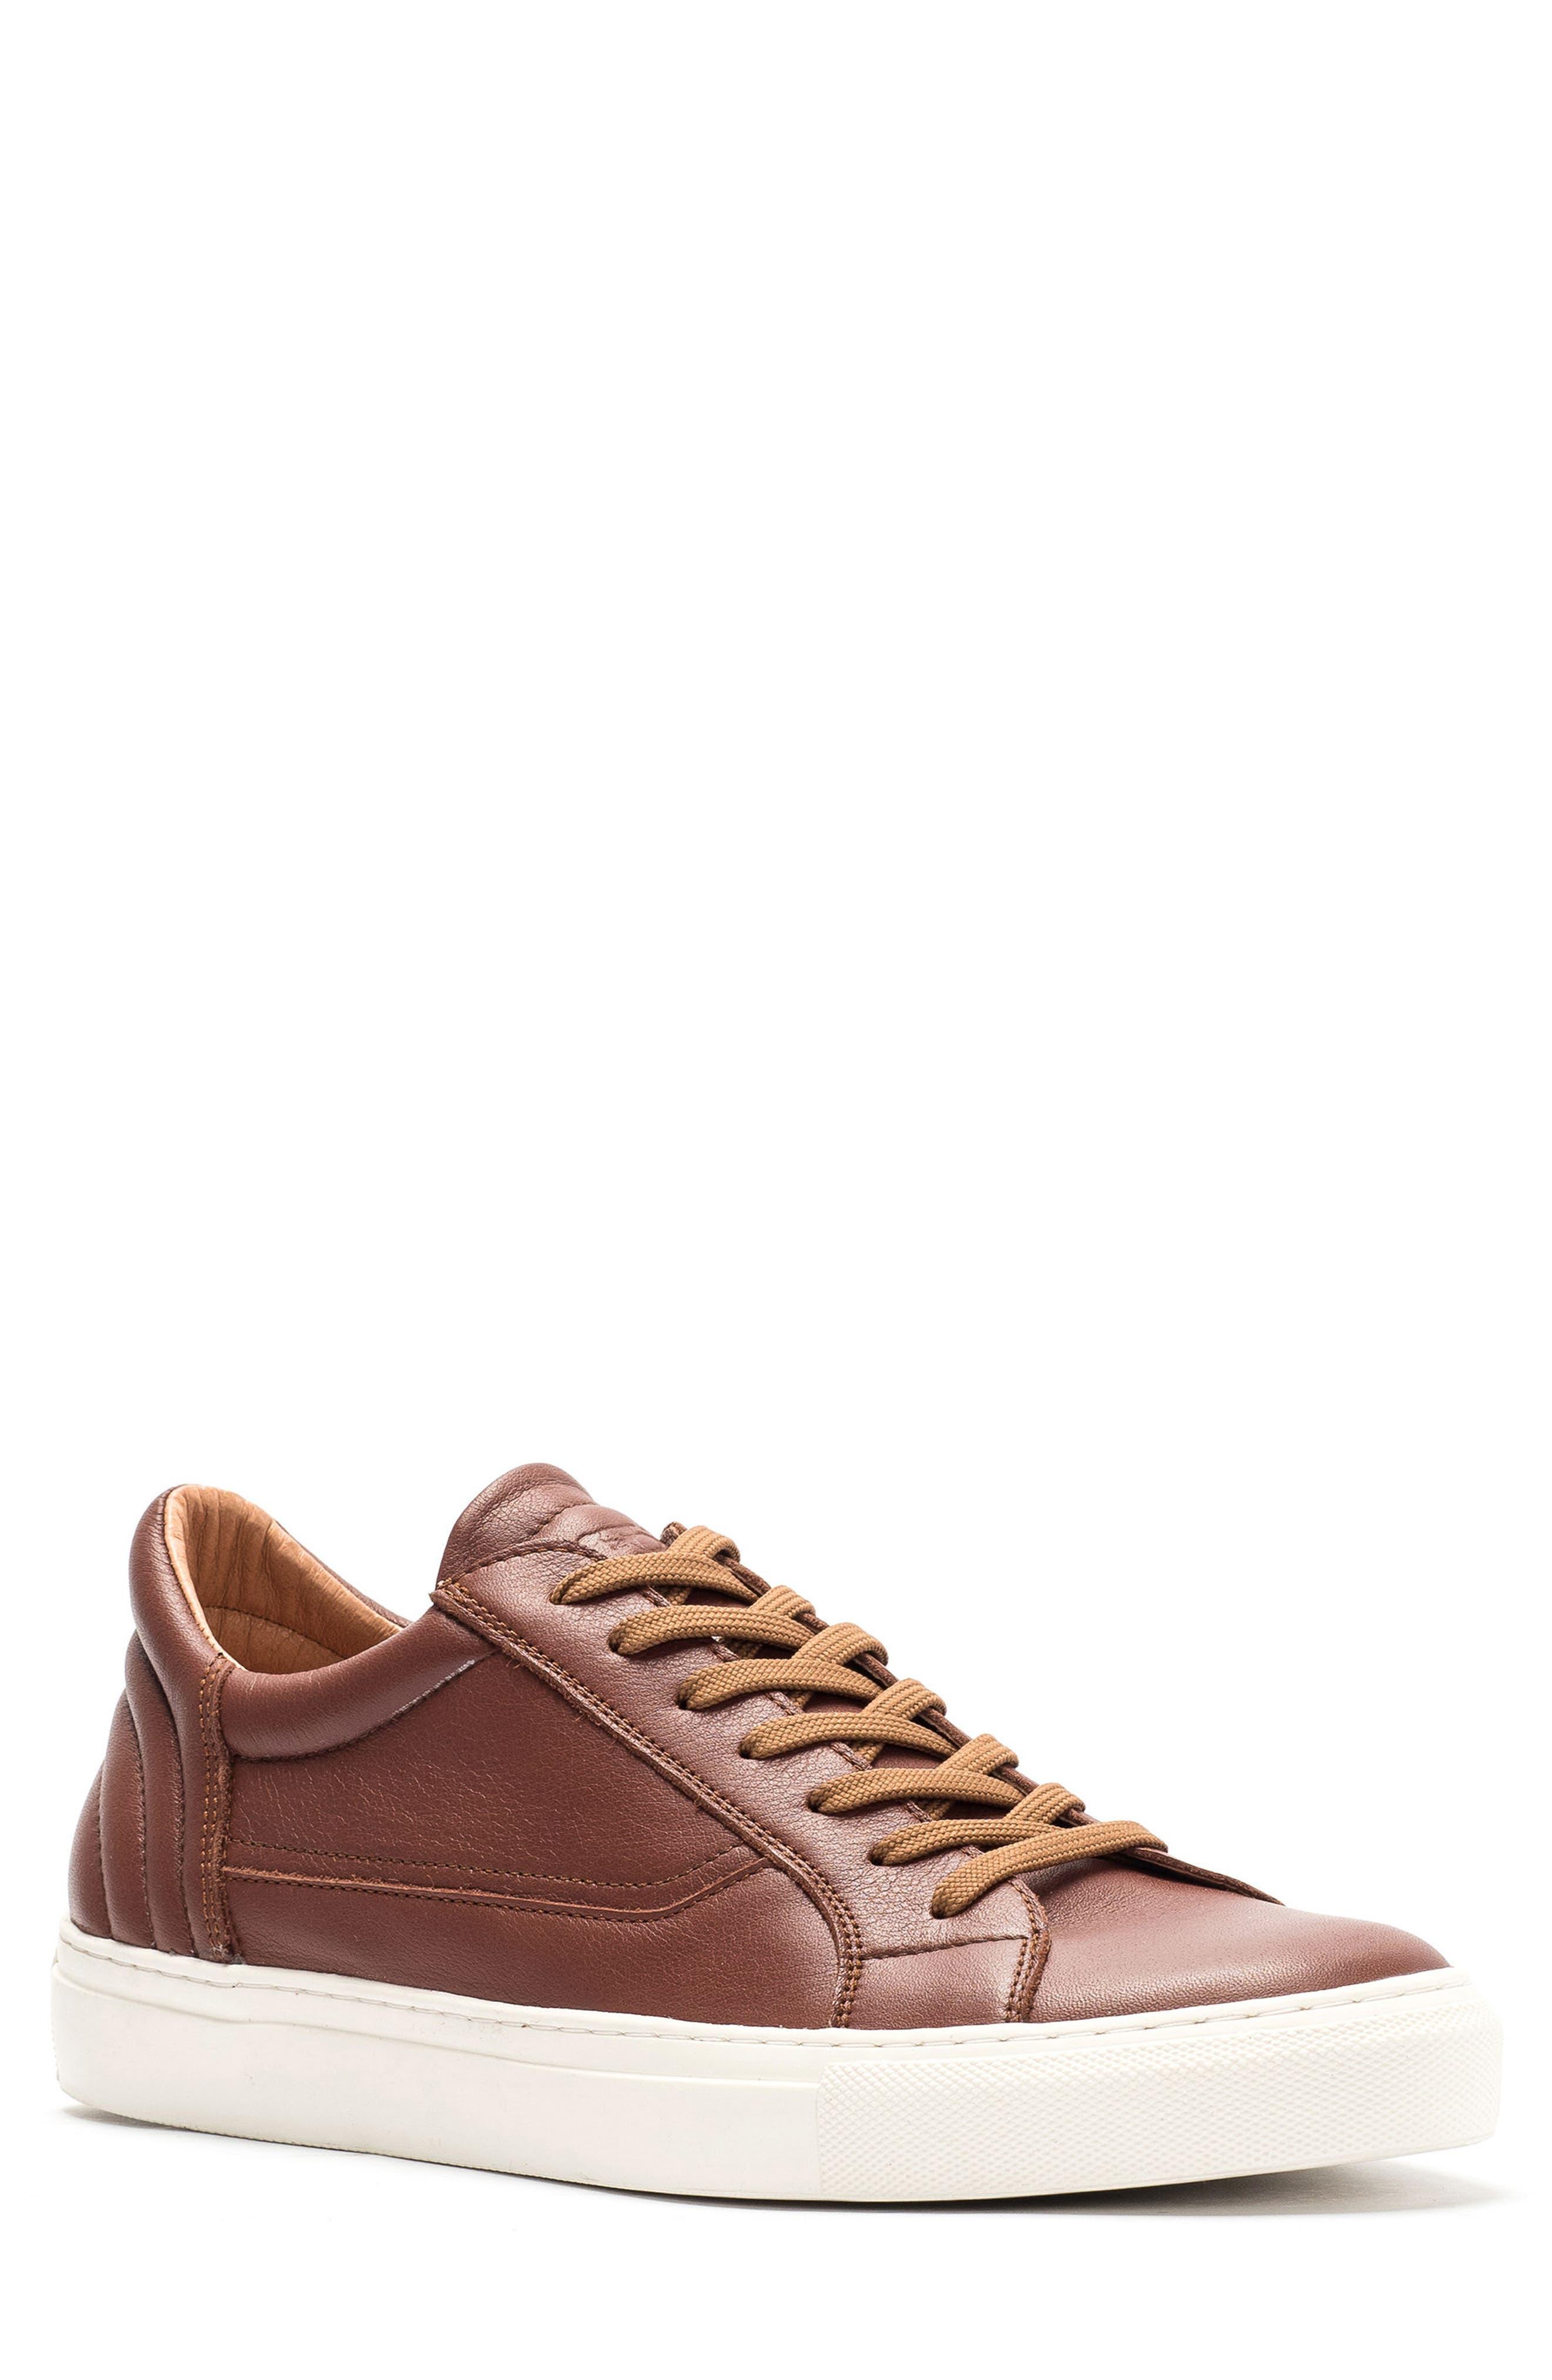 Shelton Road Sneaker,                             Main thumbnail 1, color,                             COFFEE